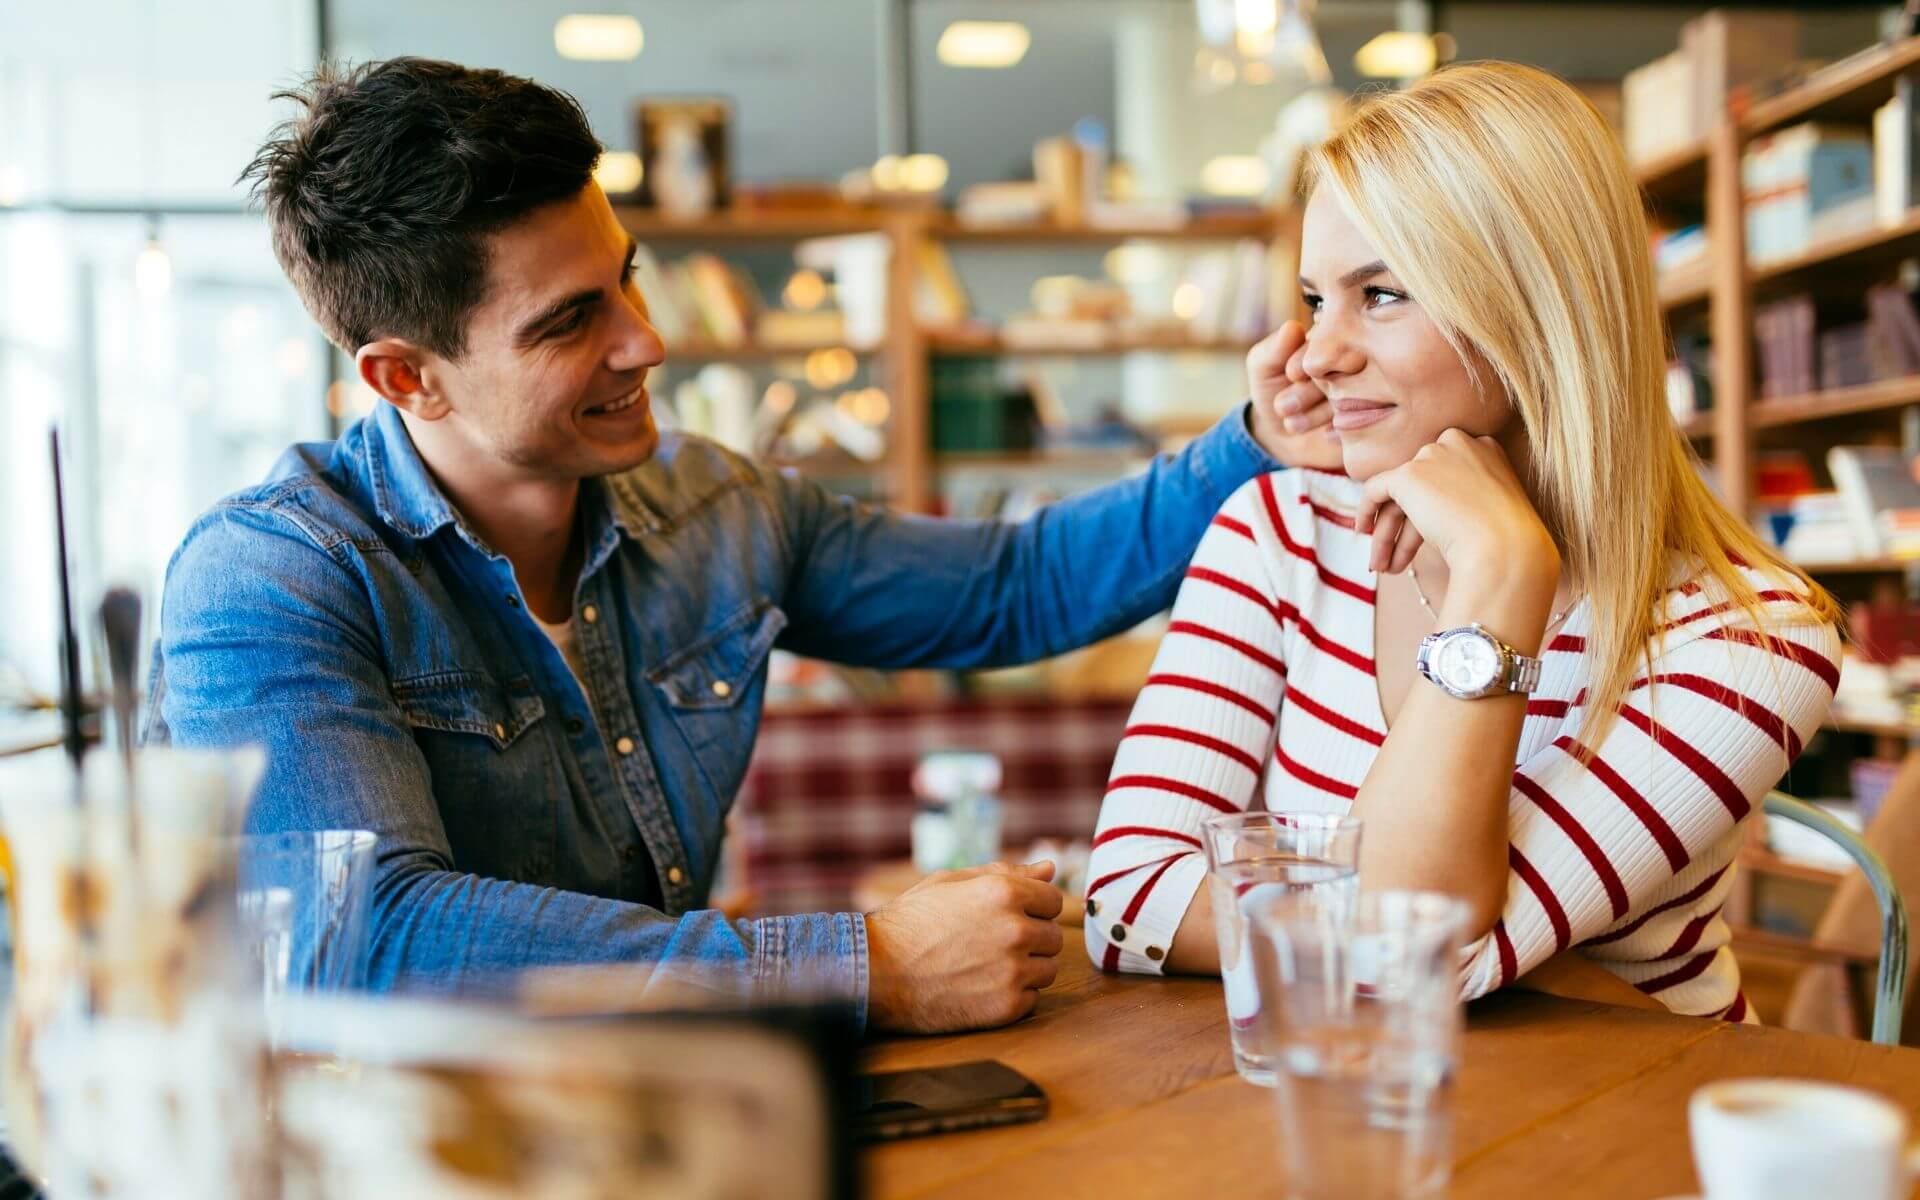 5 Tipps: So wirst du ein Profi im Flirten